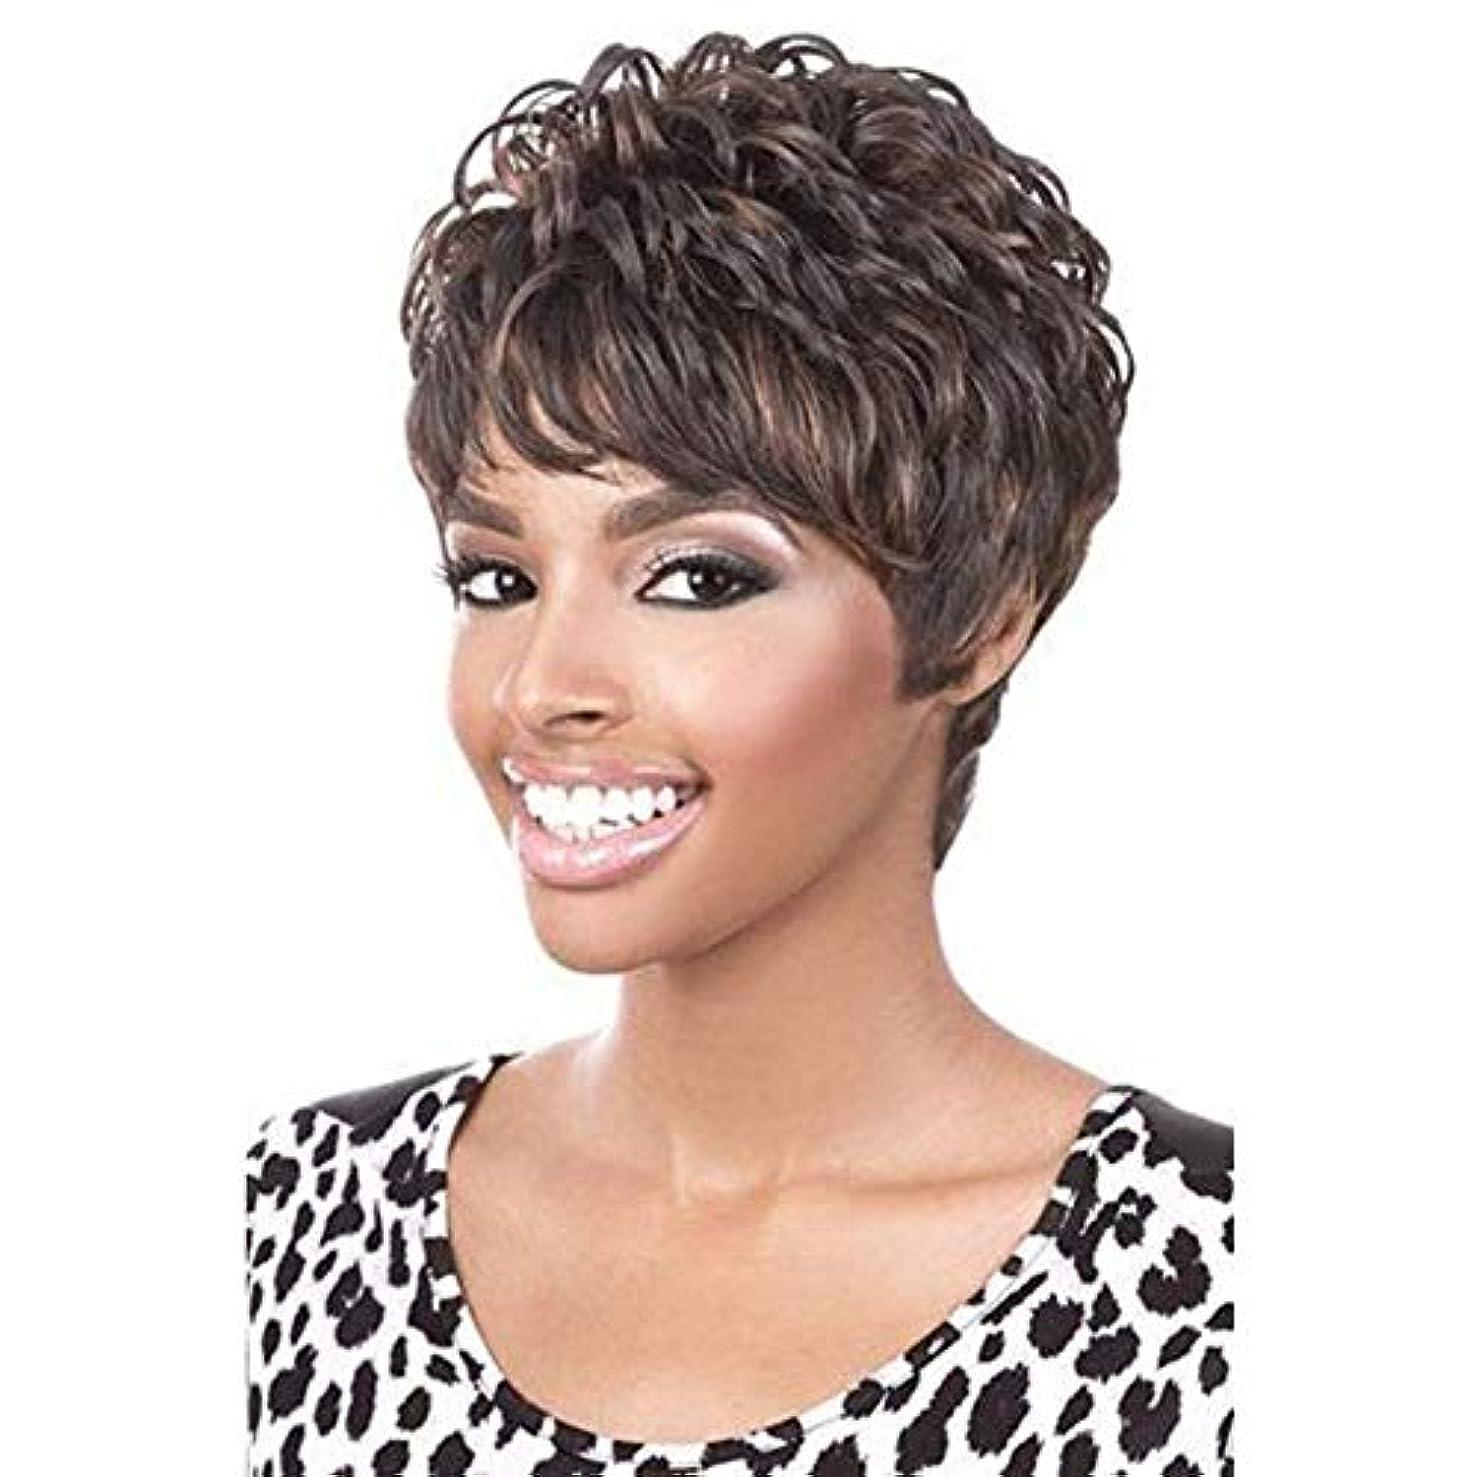 うぬぼれ気をつけて広くYOUQIU 前髪+無料ウィッグキャップのかつらを持つ女性人工毛のためにショートブラウンウィッグコスプレウィッグ (色 : ブラウン)